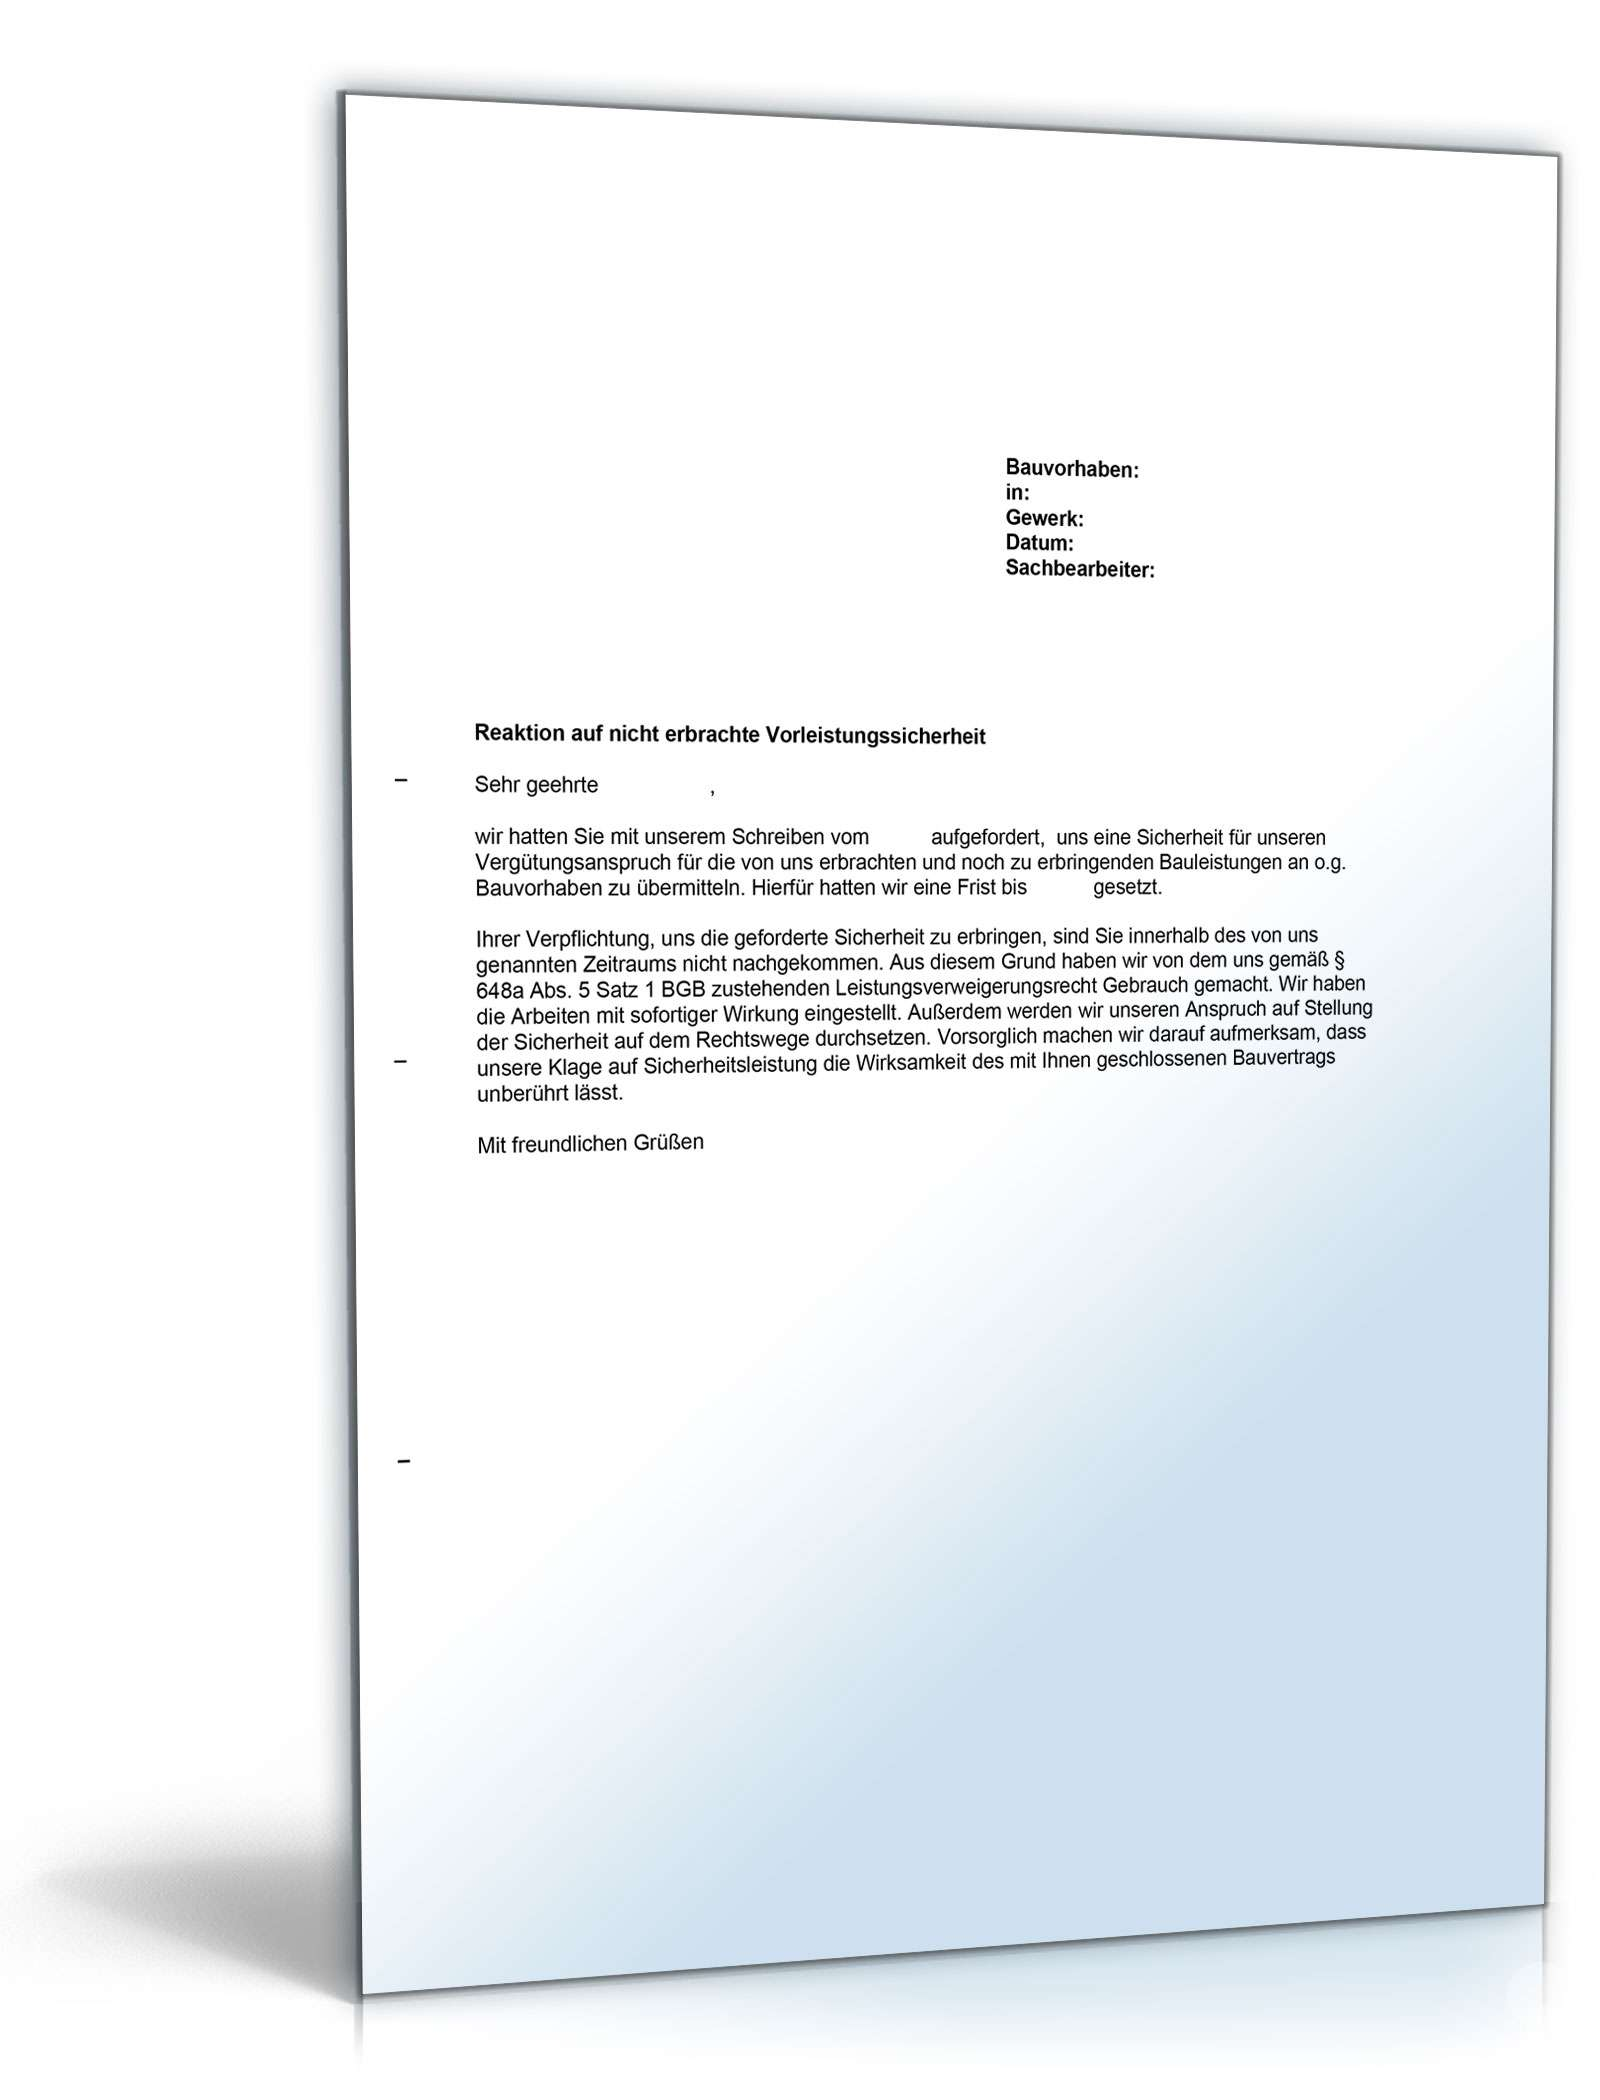 Weka Musterbriefe : Musterbrief arbeitseinstellung ohne vorleistungssicherheit